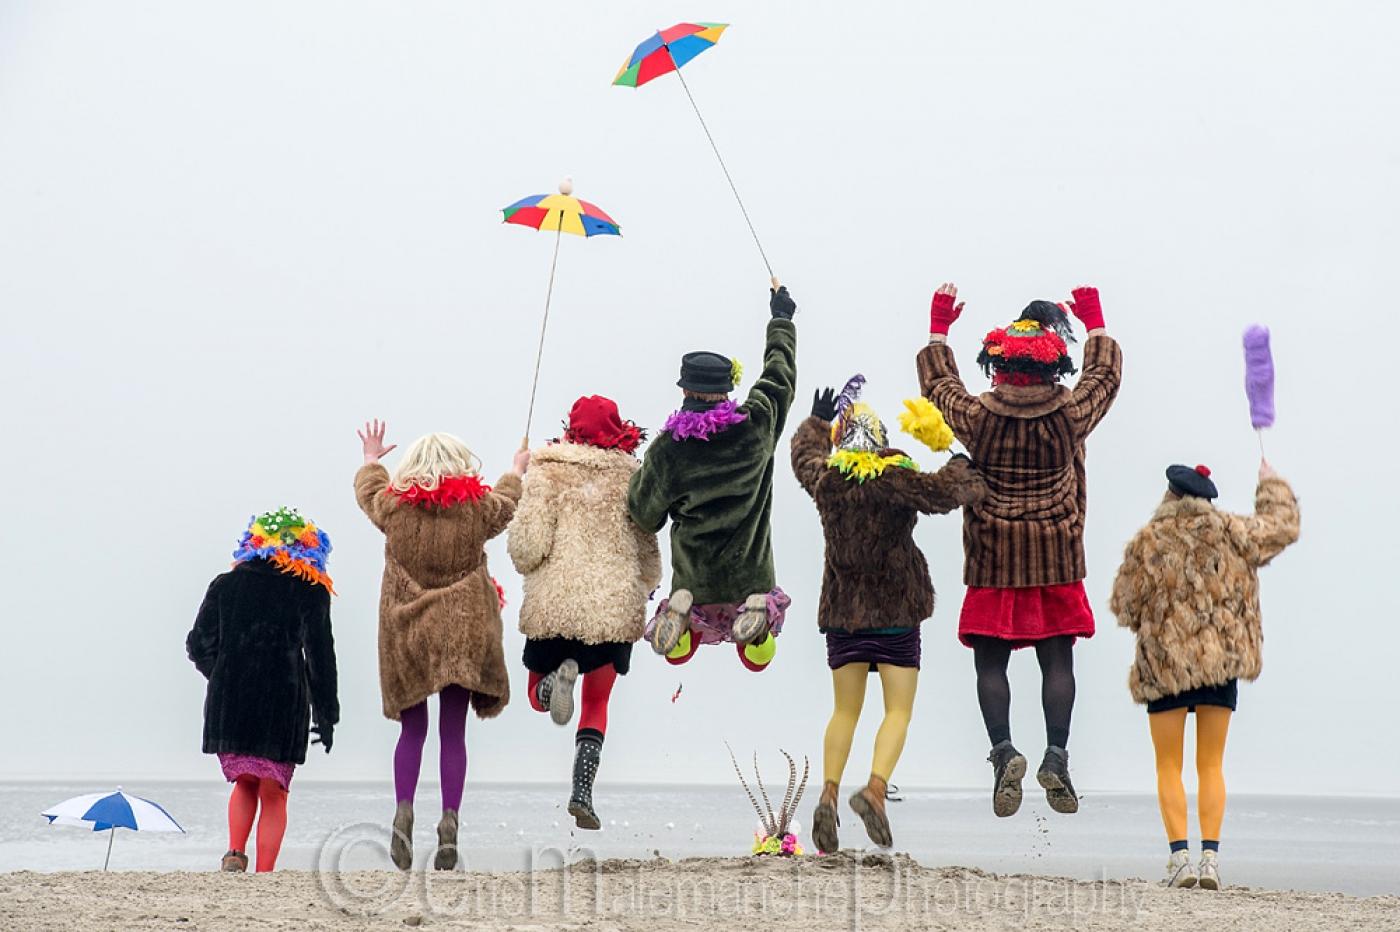 http://www.ericmalemanche.com/imagess/topics/carnaval-de-dunkerque/liste/Carnaval-Dunkerque-5738.jpg